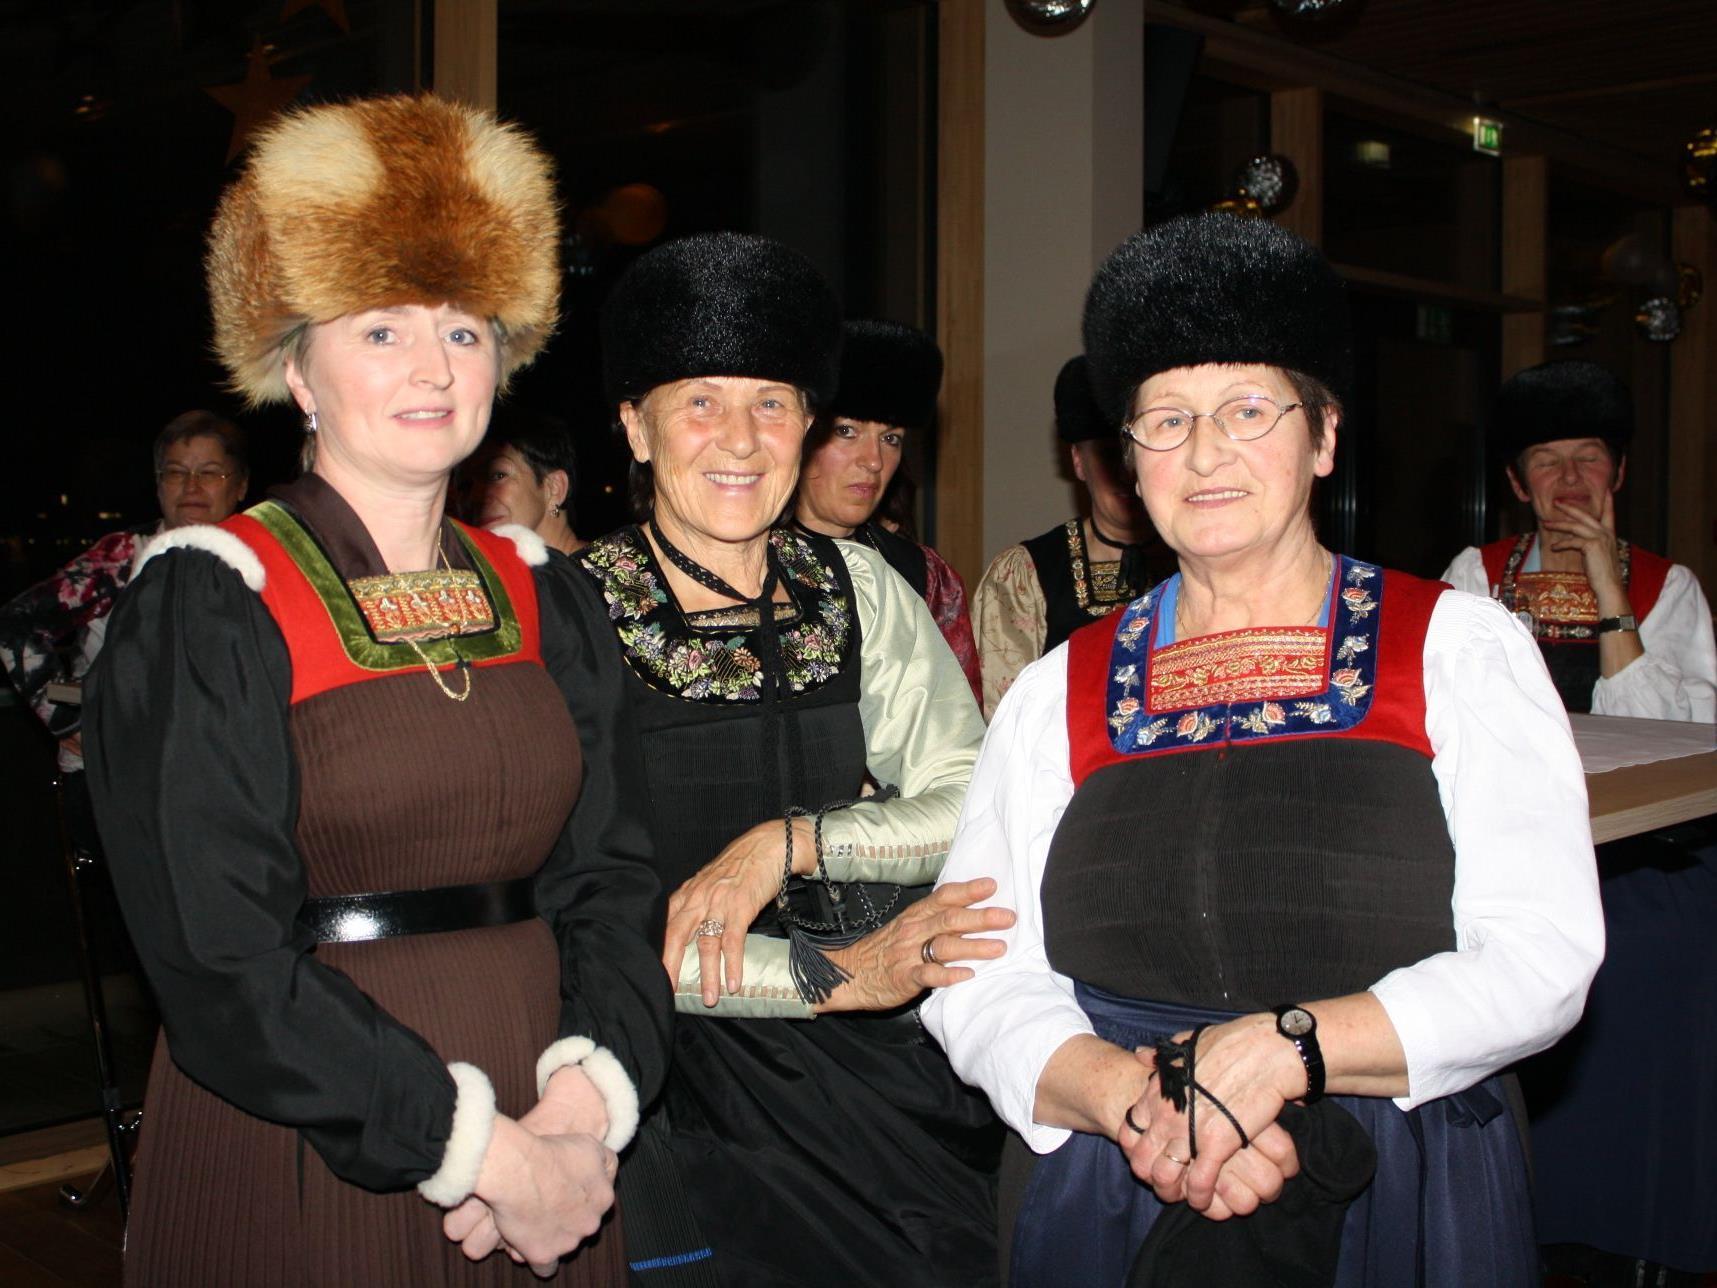 Die Bregenzerwälder Tracht stand im Mittelpunkt der Veranstaltung.